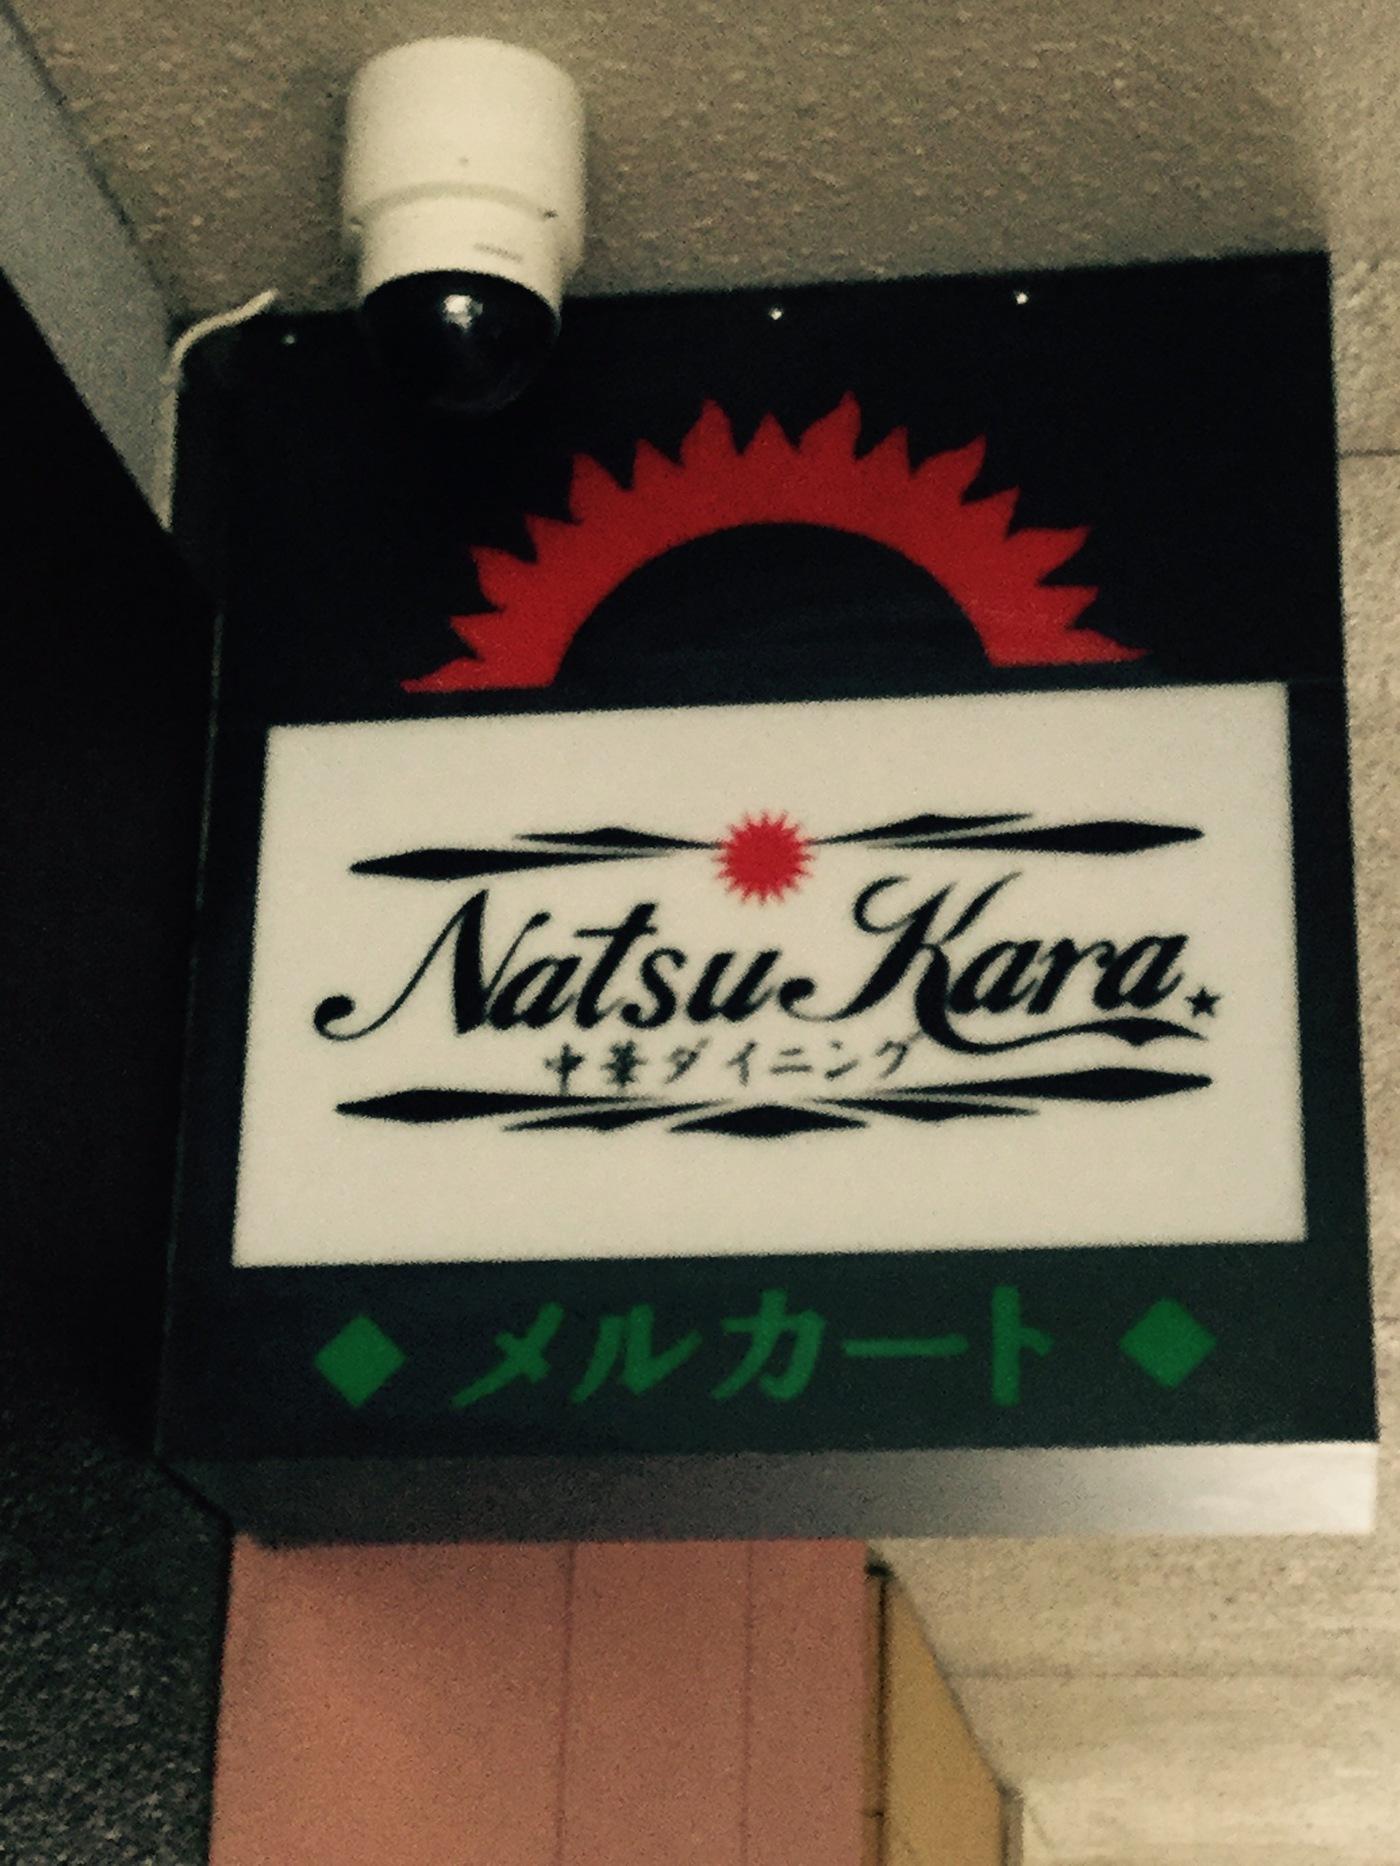 Natsu Kara